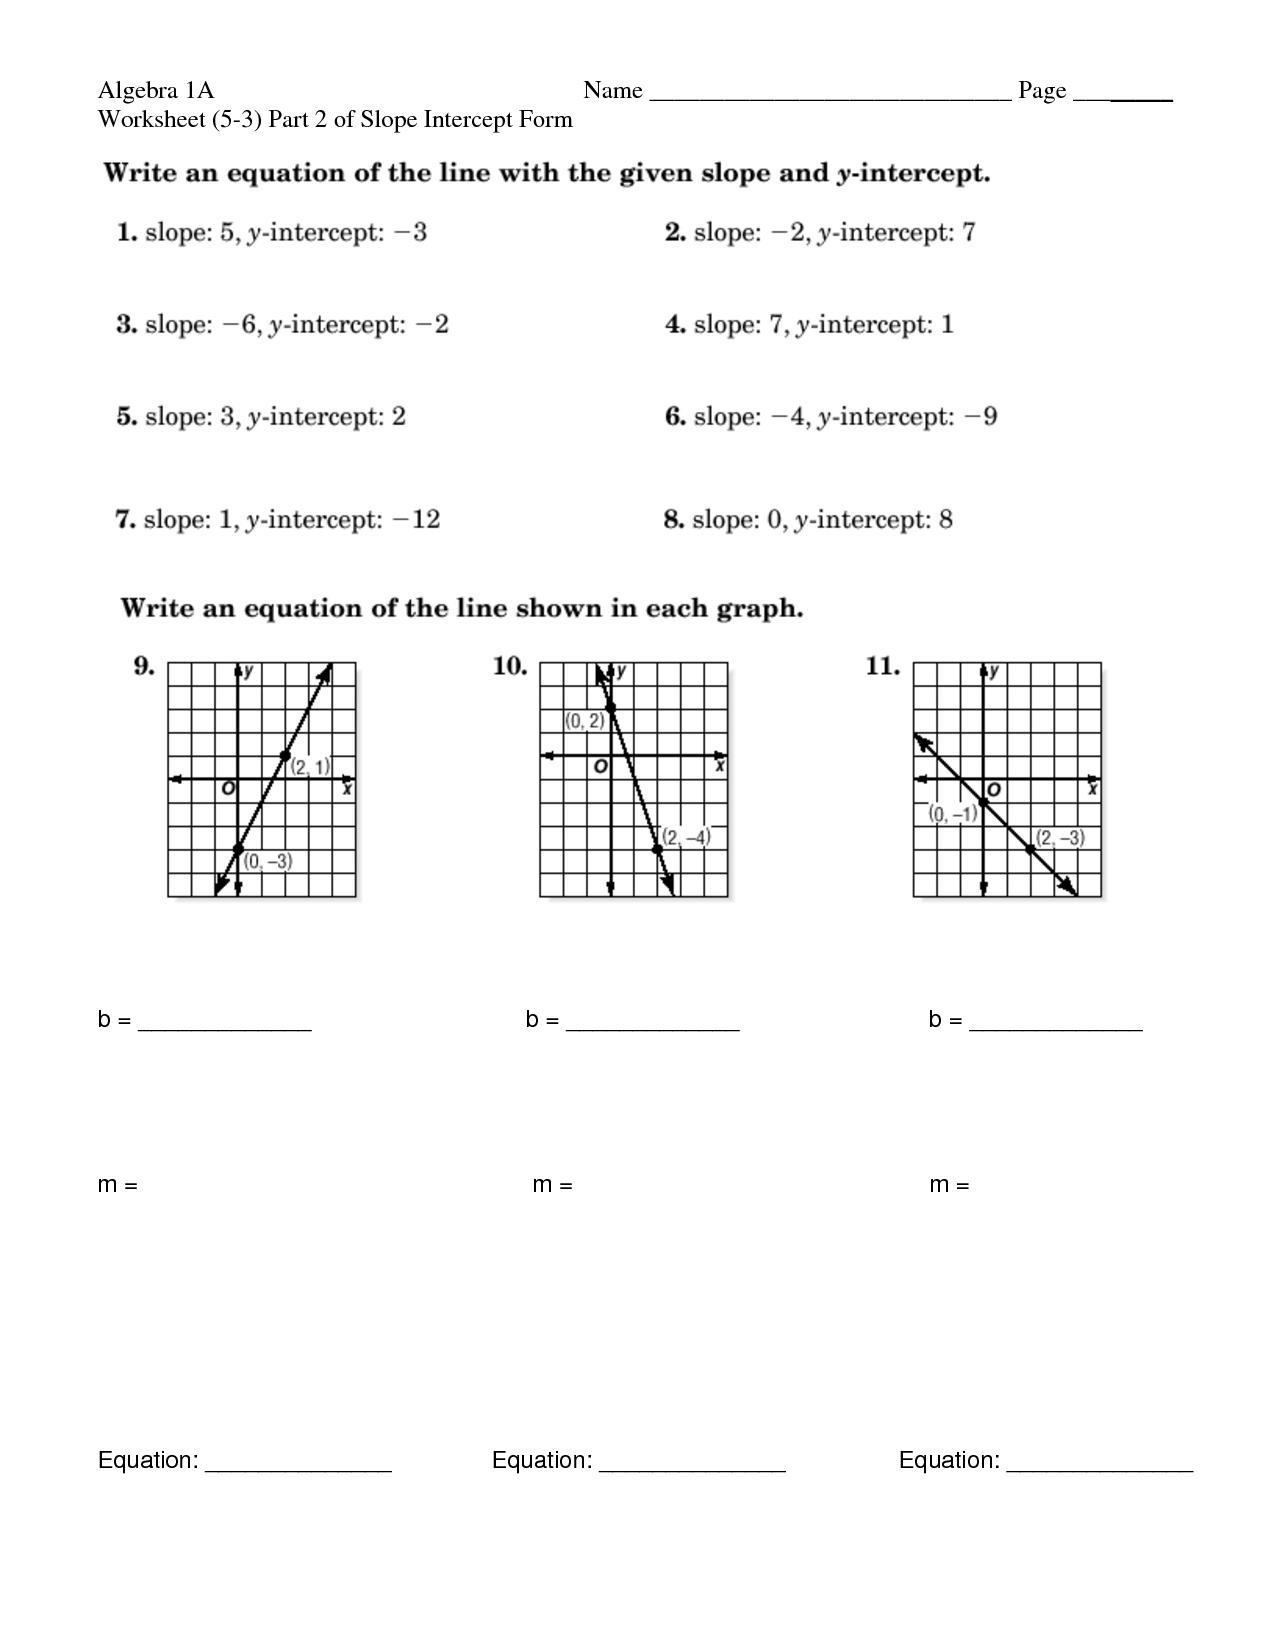 16 Best Images Of Worksheet For Algebra 1a